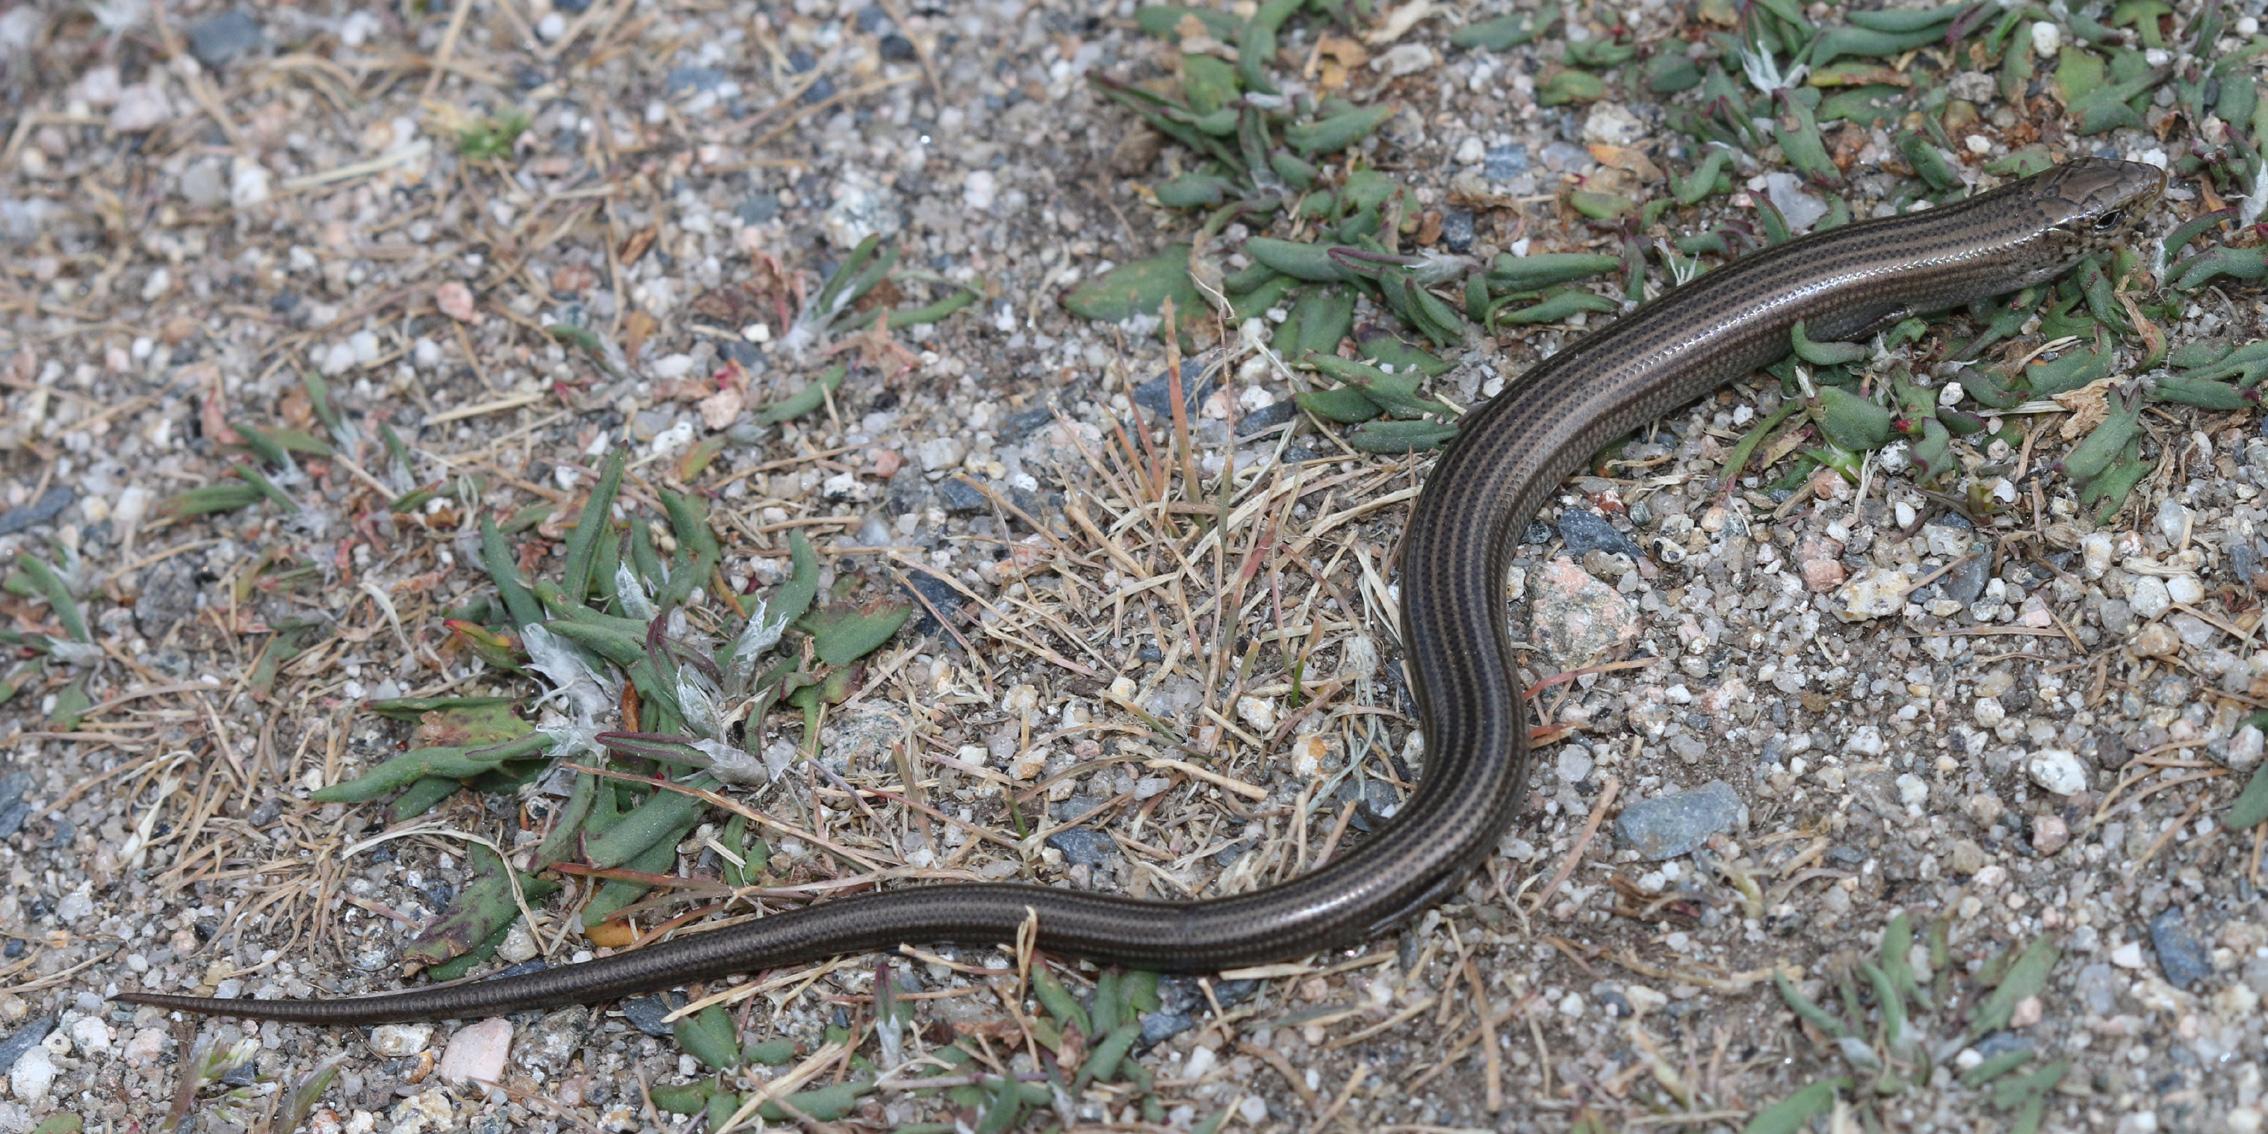 Rettili elenco delle specie italiane veleno serpenti for Nomi di rettili